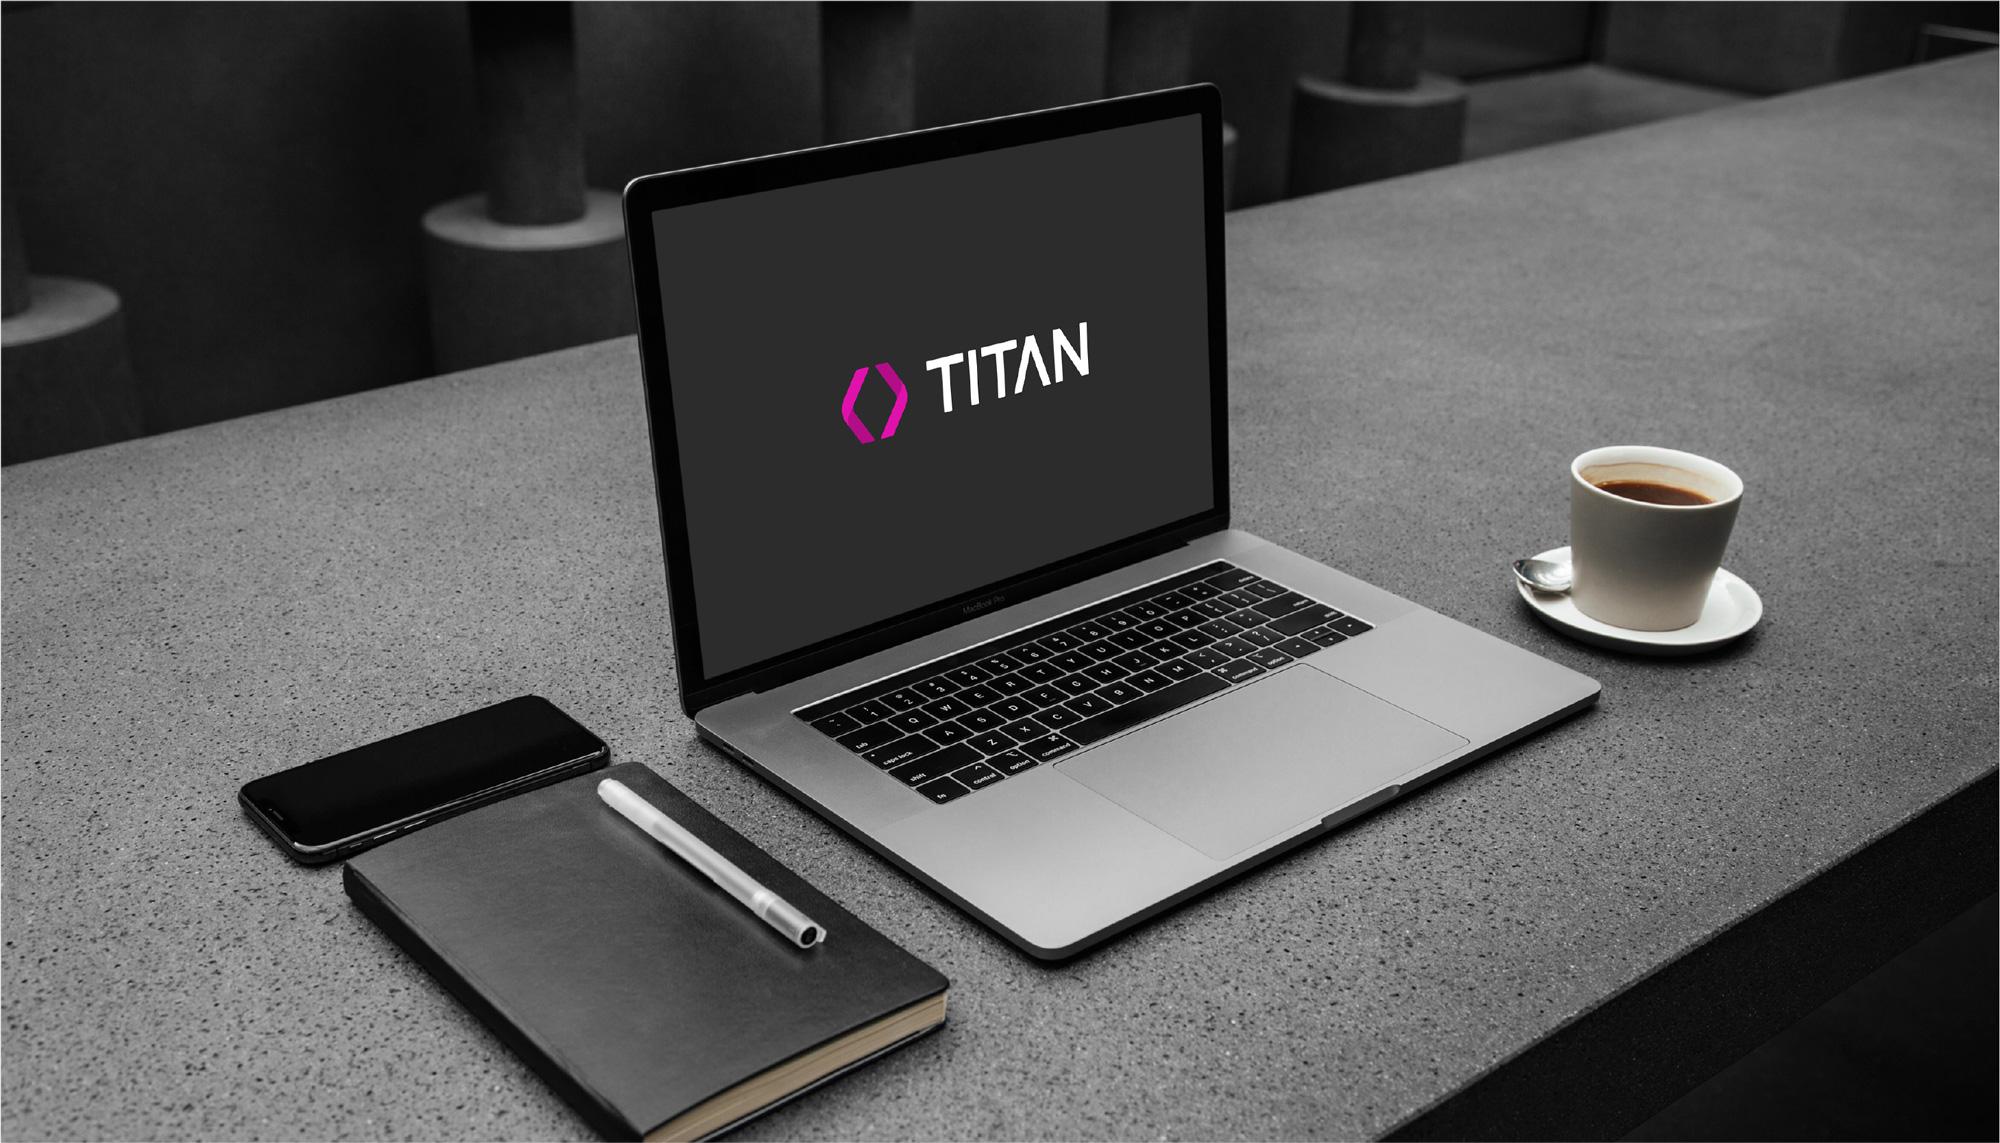 TITAN - Style Guide